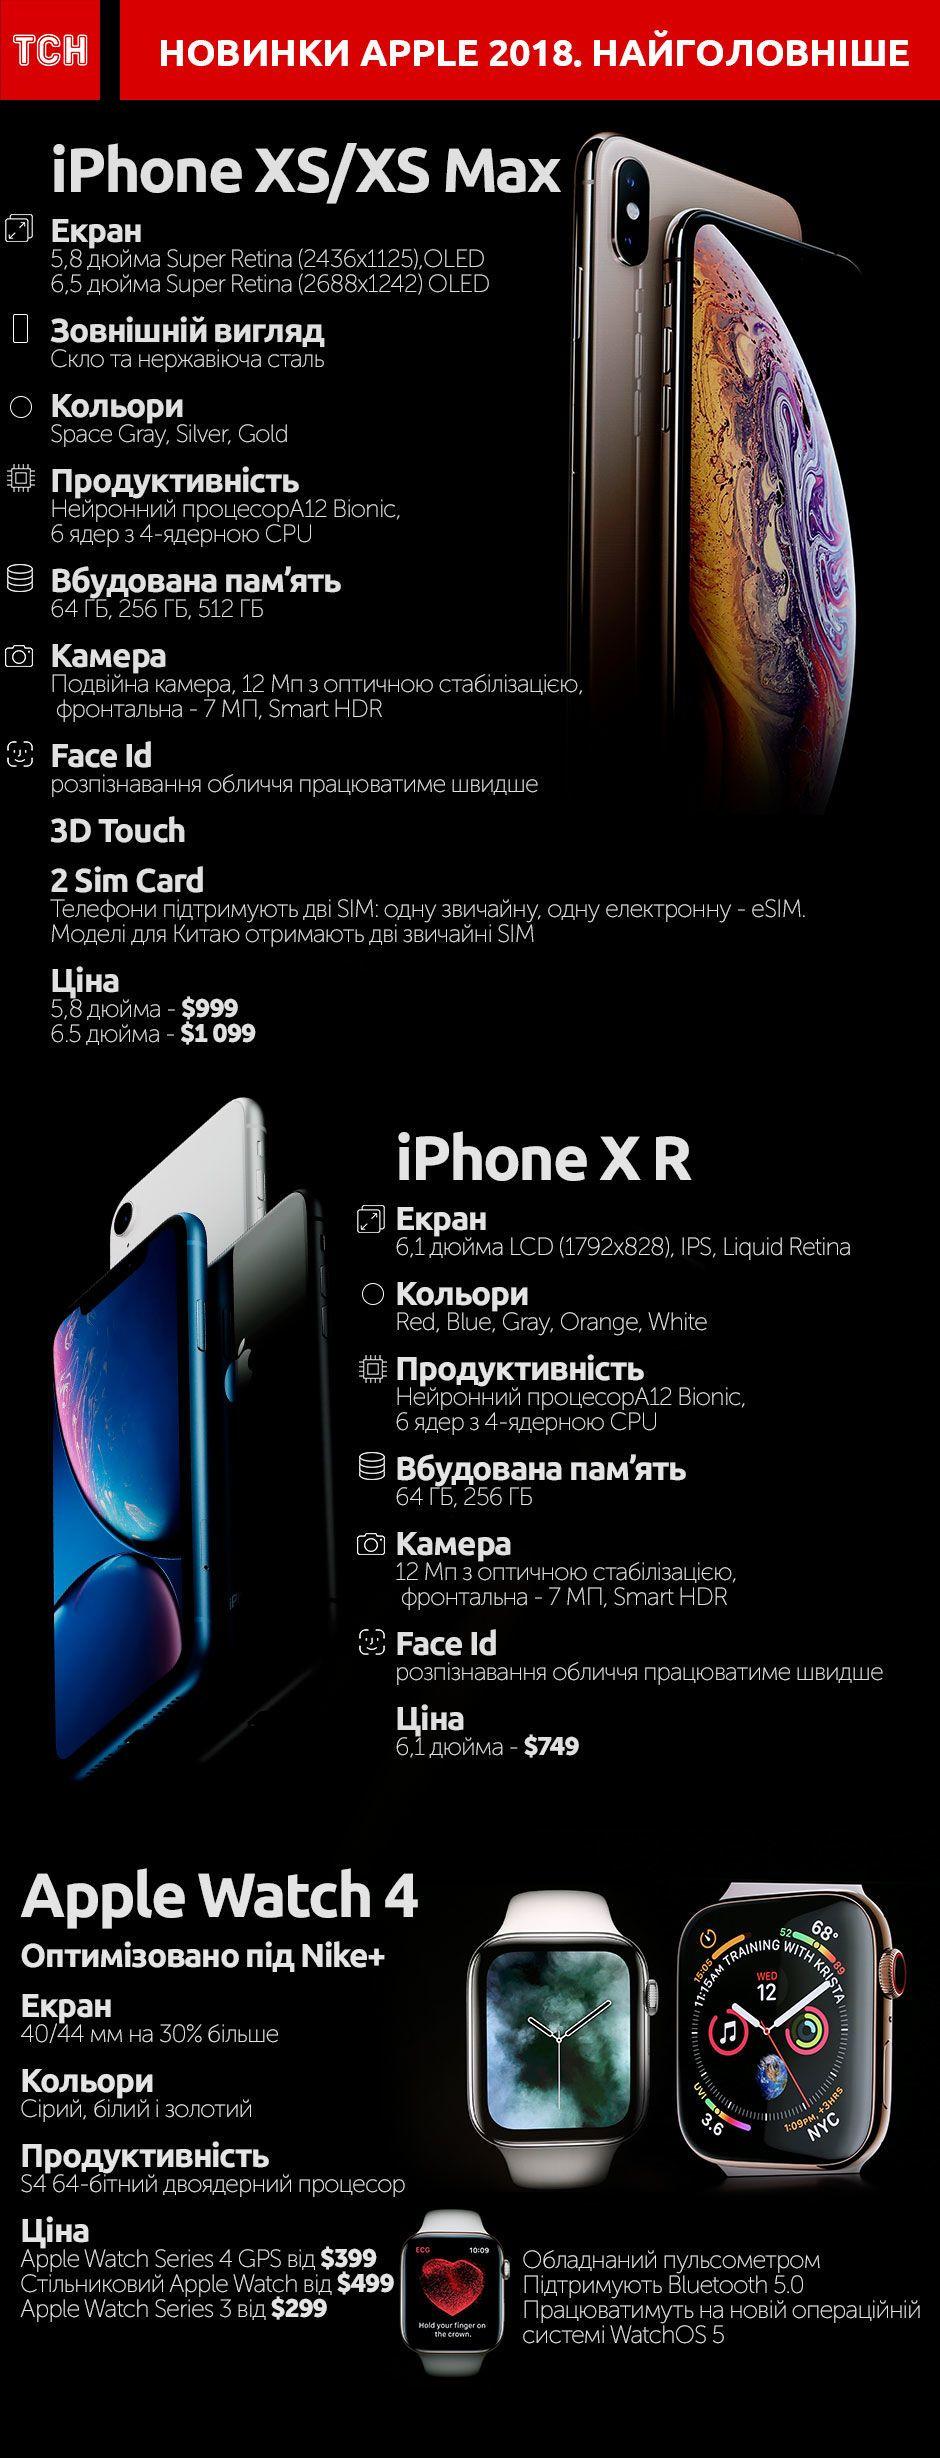 Усі новинки Apple в інфографіці